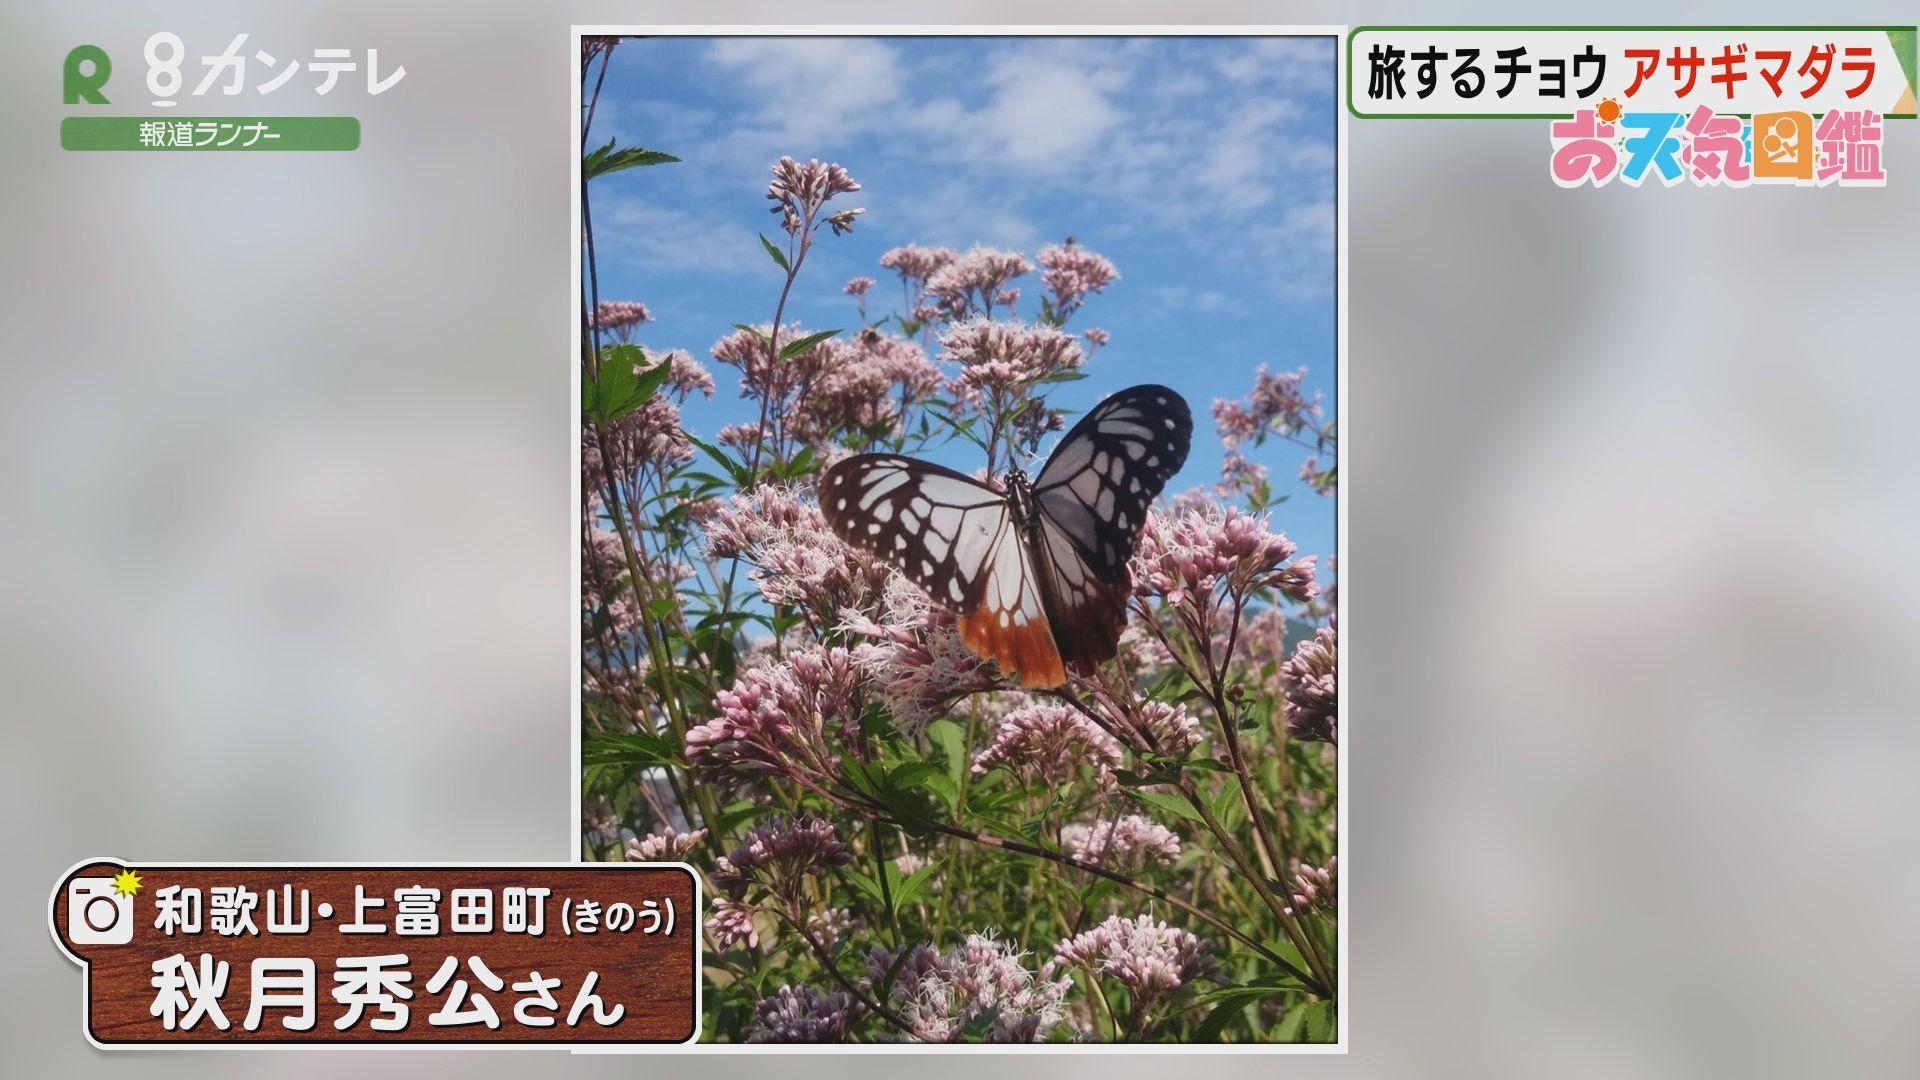 「旅する蝶がやってきた!」(和歌山・上富田町)